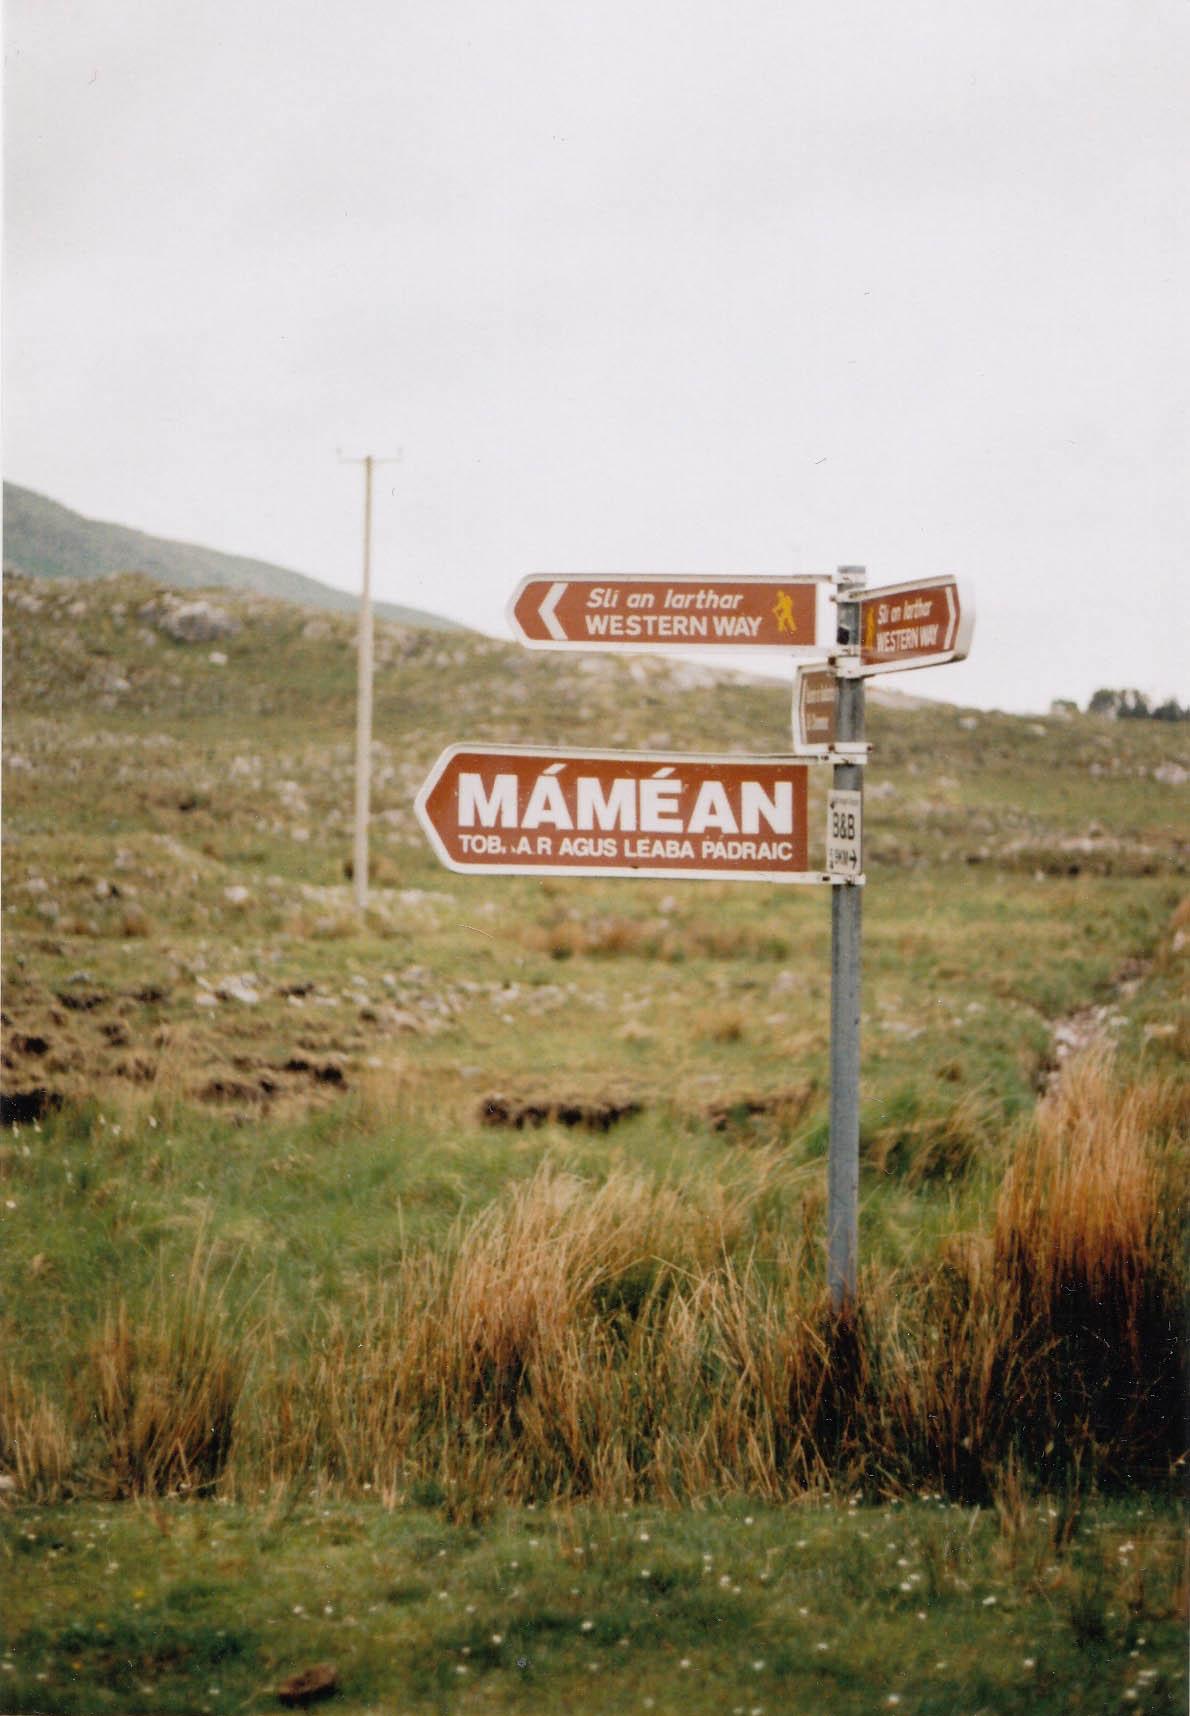 connemara, meamean sign.jpg